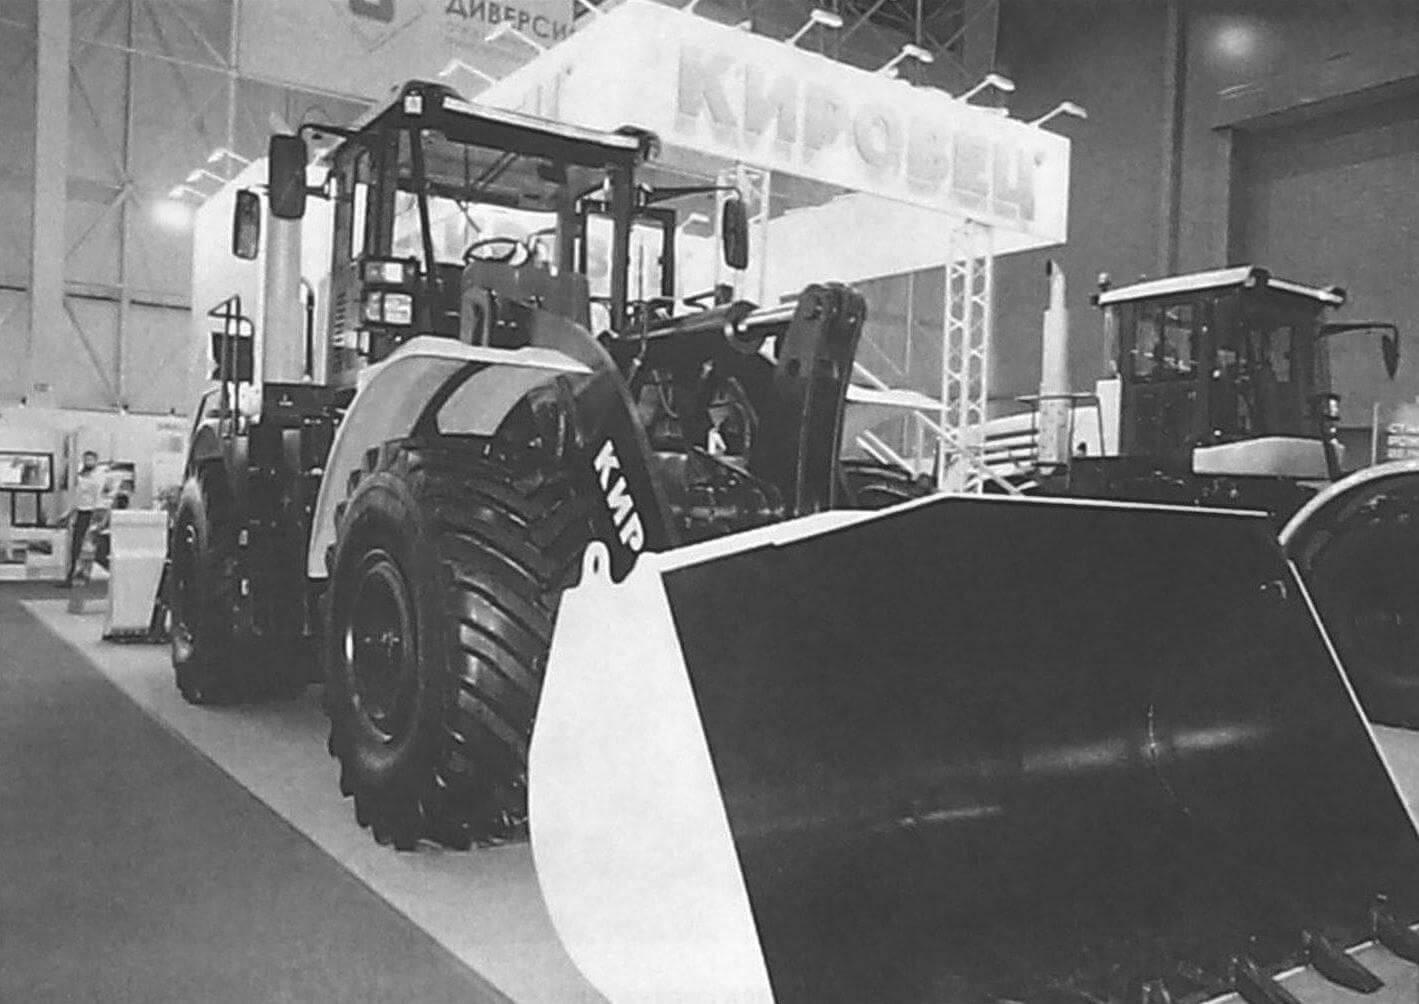 Современная продукция Петербургского тракторного завода: универсальная дорожная машина К-708УДМ